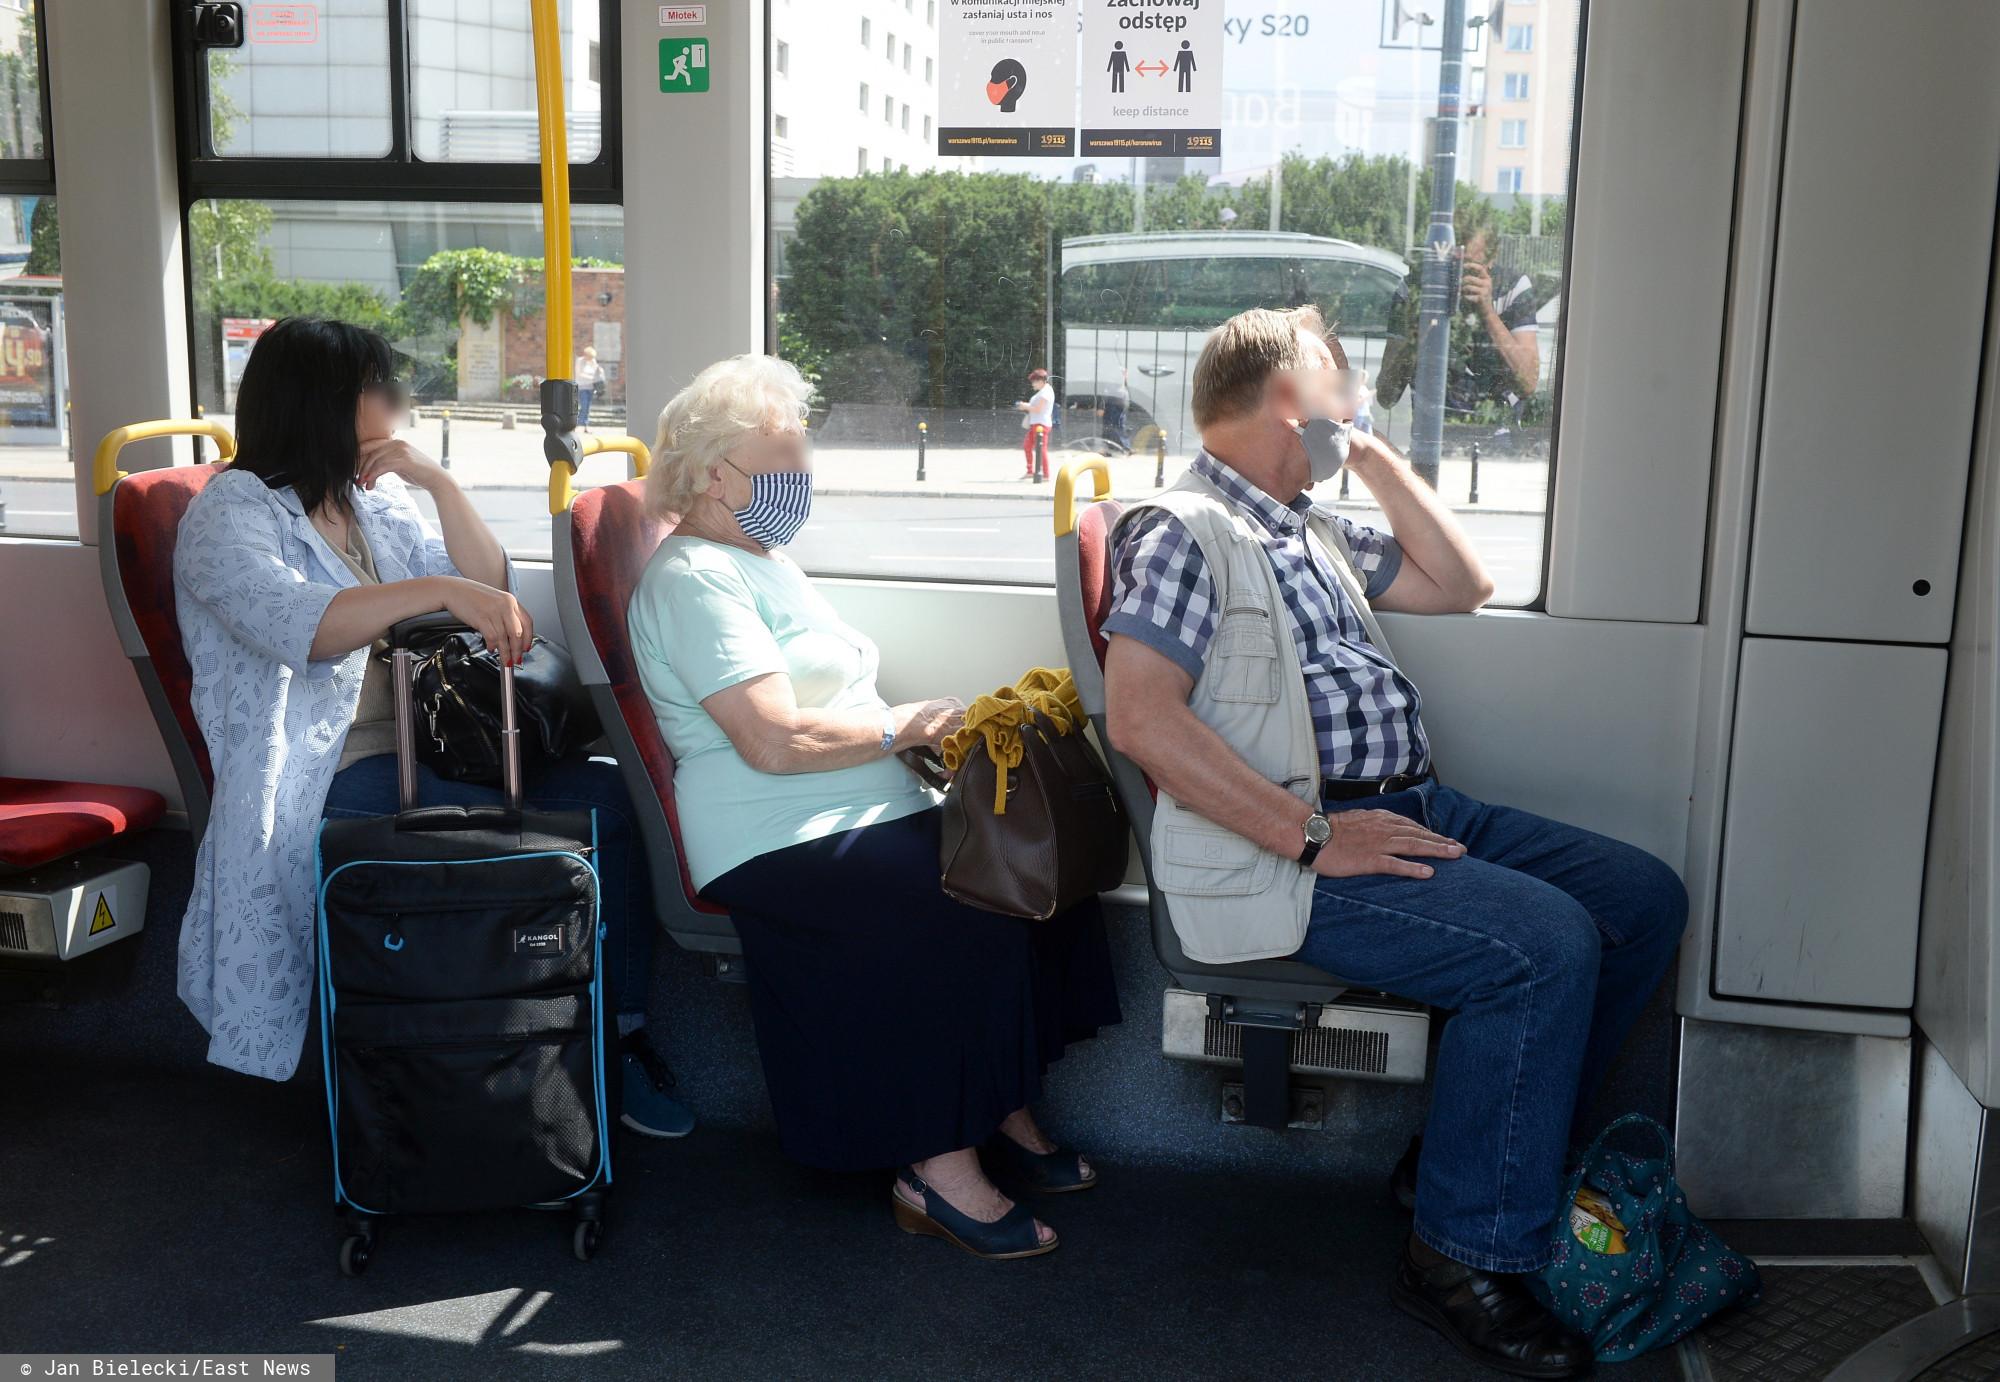 Czy komunikacja miejska dla seniorów powinna być darmowa?